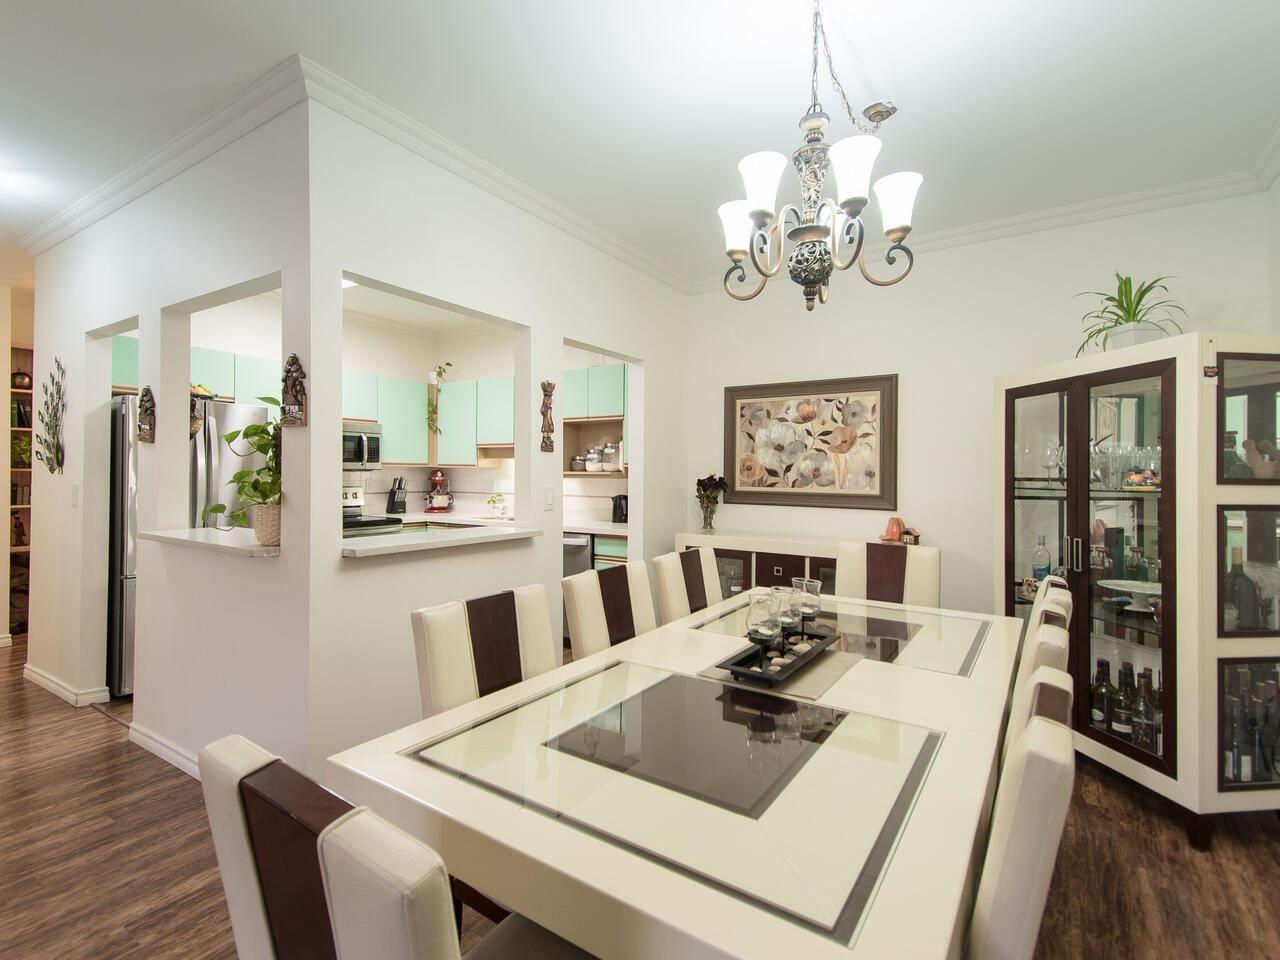 Photo 13: Photos: 108 13918 72 Avenue in Surrey: East Newton Condo for sale : MLS®# R2538723